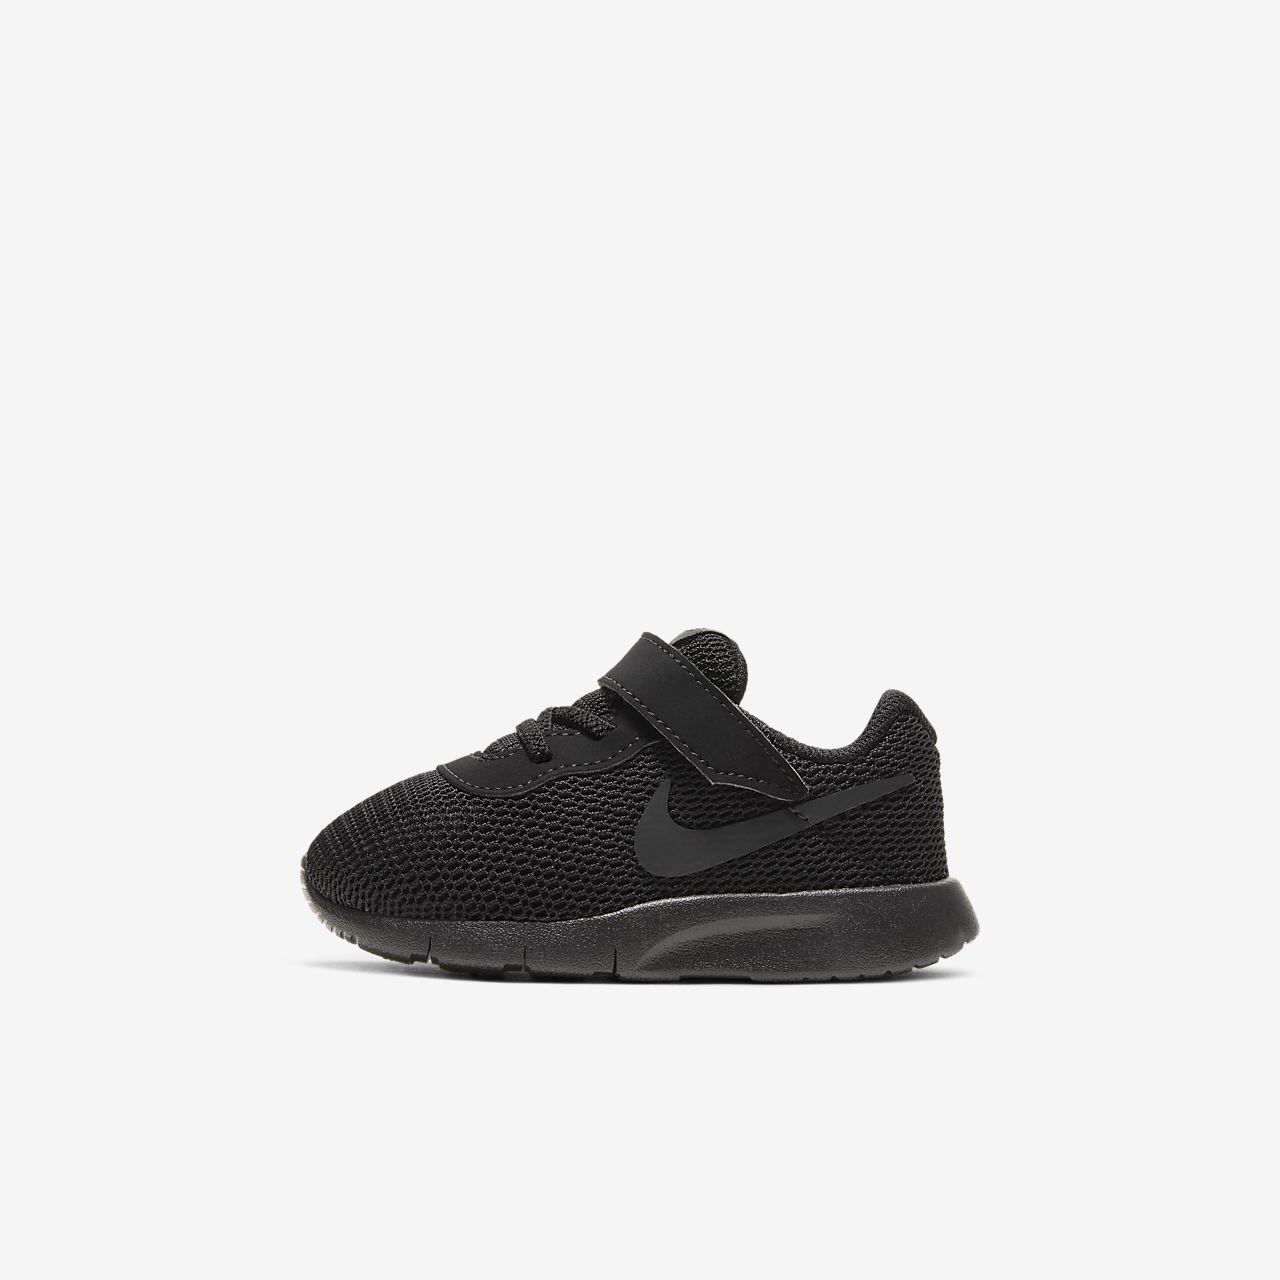 scarpe nike tanjun bambino 2